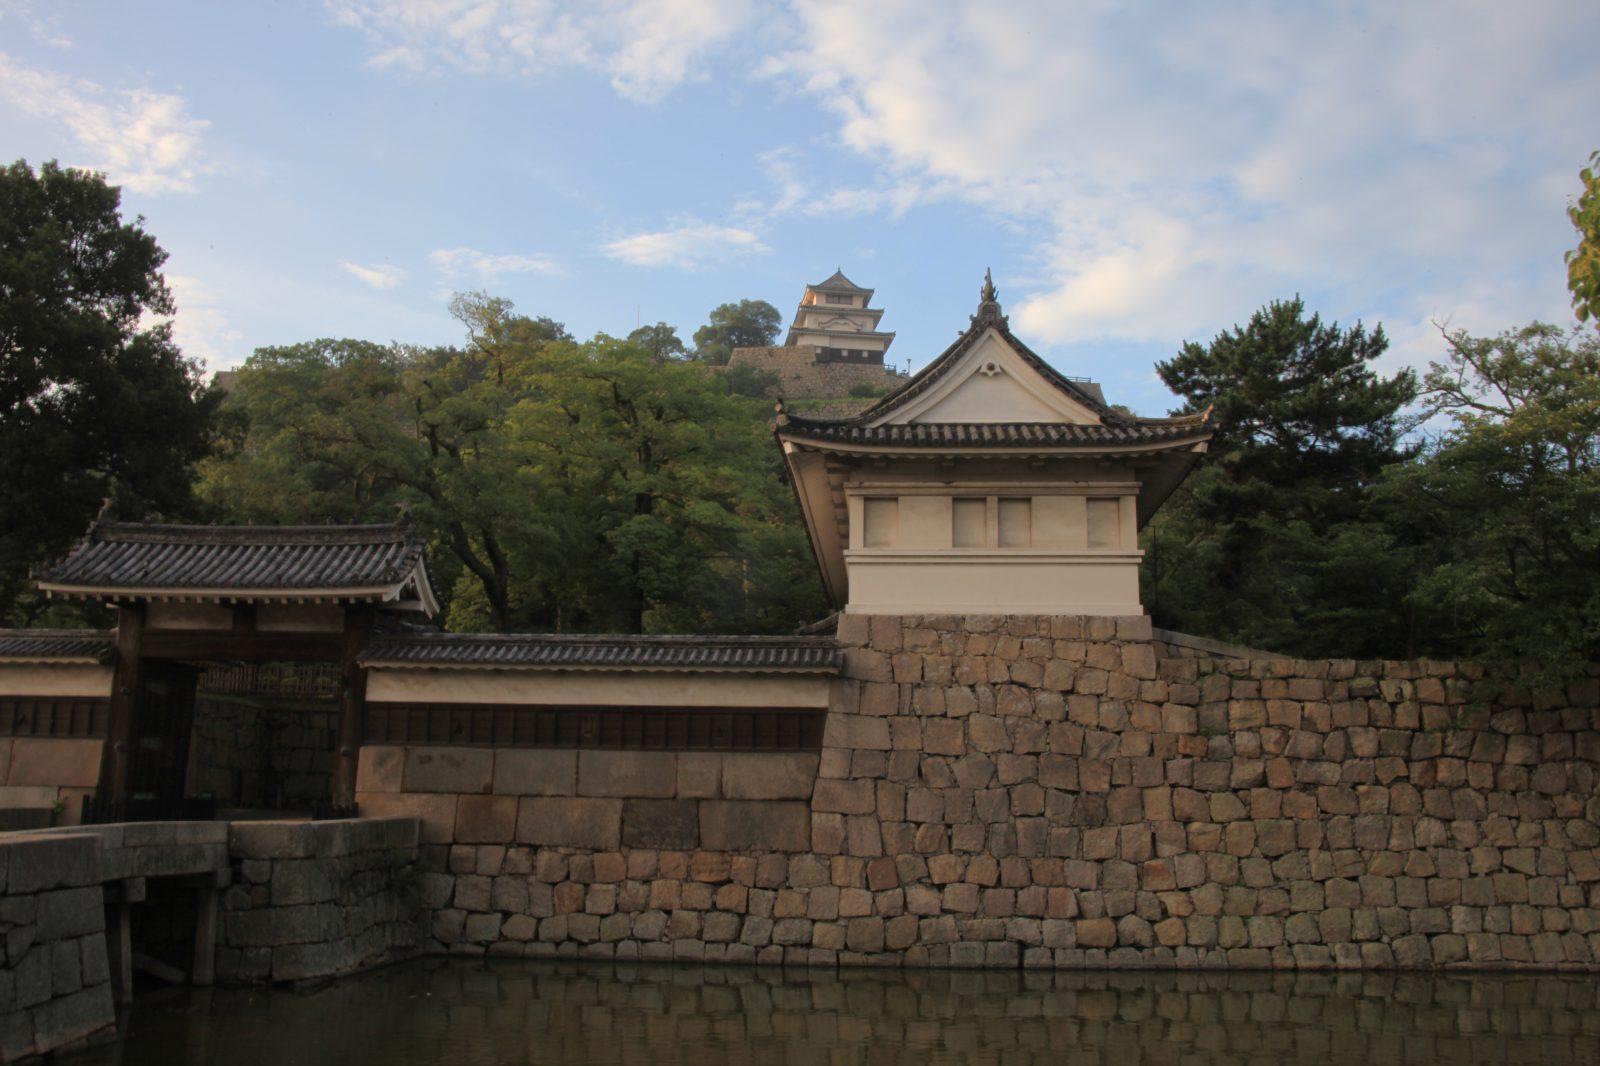 Marukame Castle